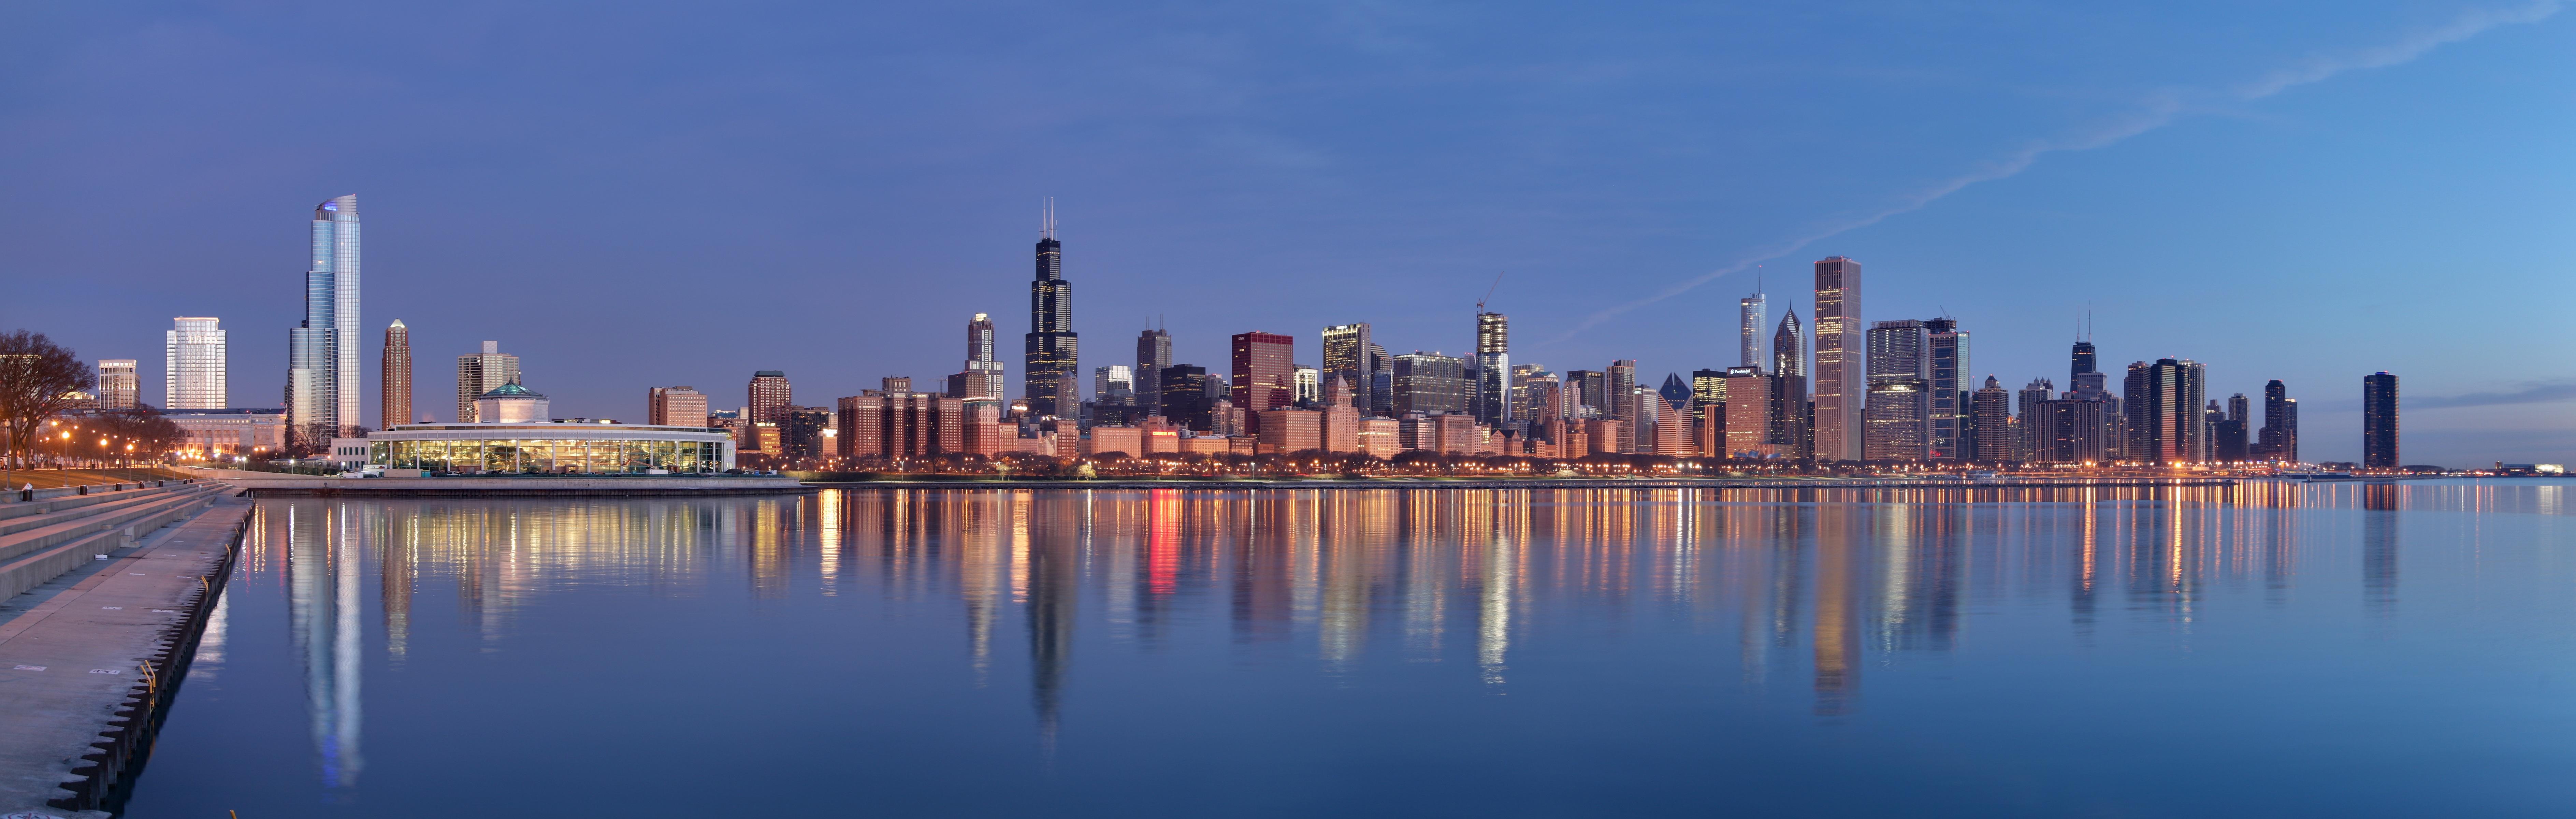 """""""Chicago sunrise 1"""" by Daniel Schwen - Own work. Licensed under CC BY-SA 4.0 via Commons - https://commons.wikimedia.org/wiki/File:Chicago_sunrise_1.jpg#/media/File:Chicago_sunrise_1.jpg"""